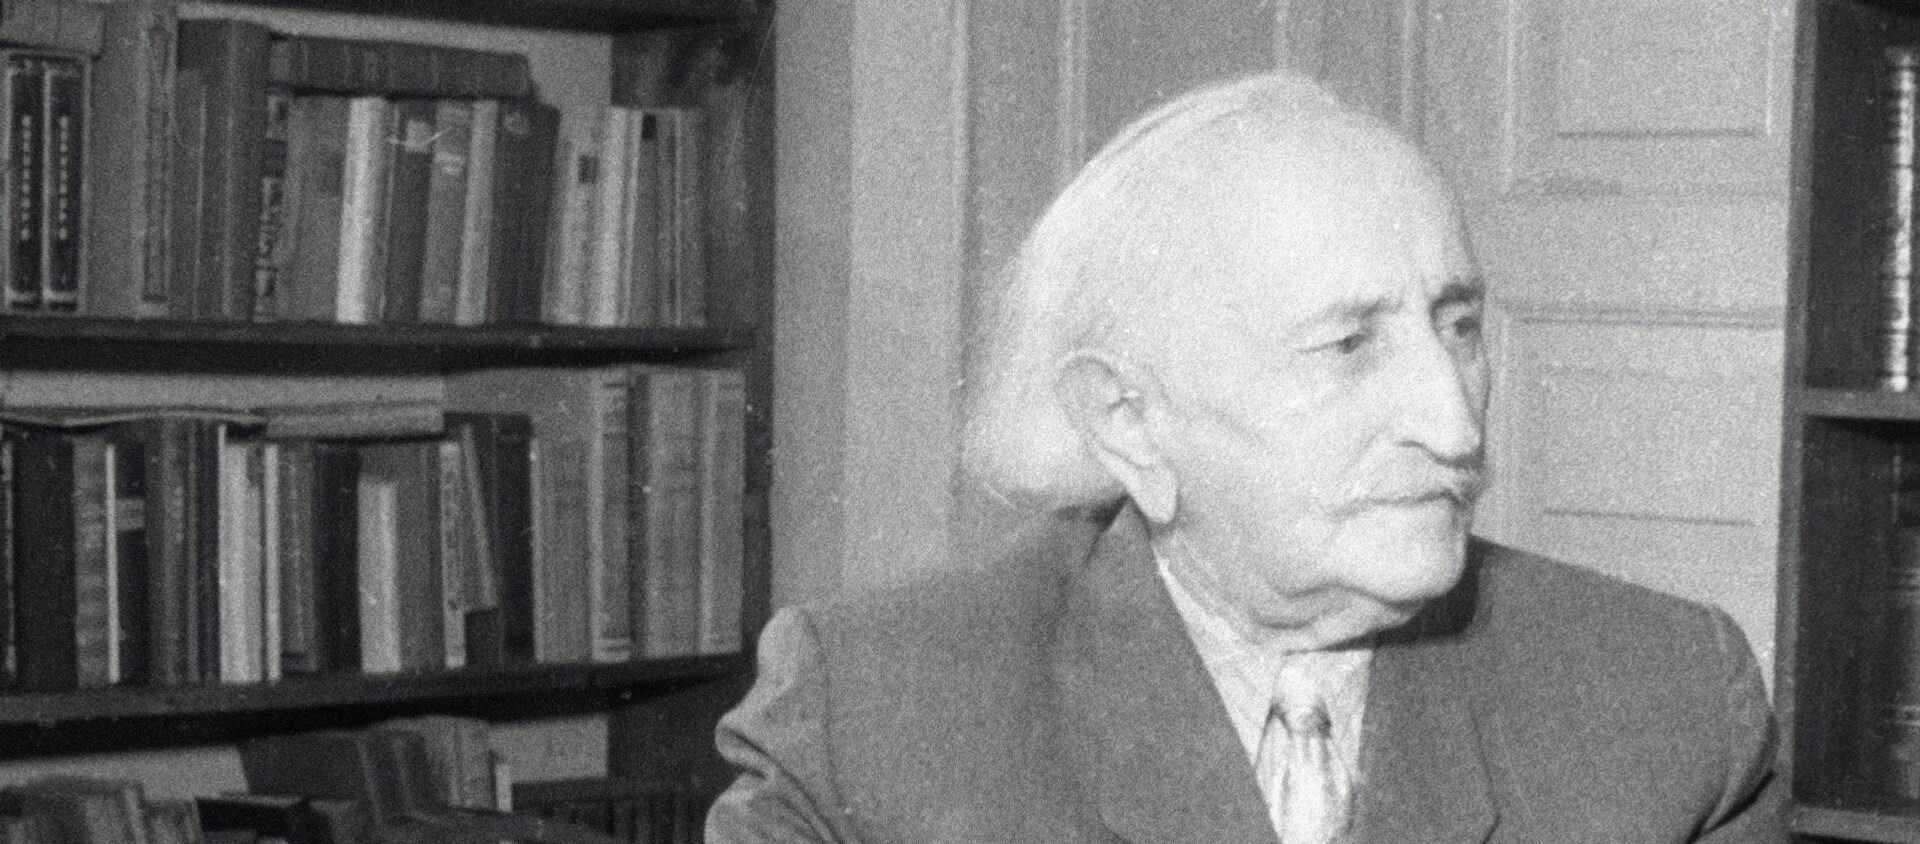 Дмитрий Гулиа - Sputnik Абхазия, 1920, 21.02.2021